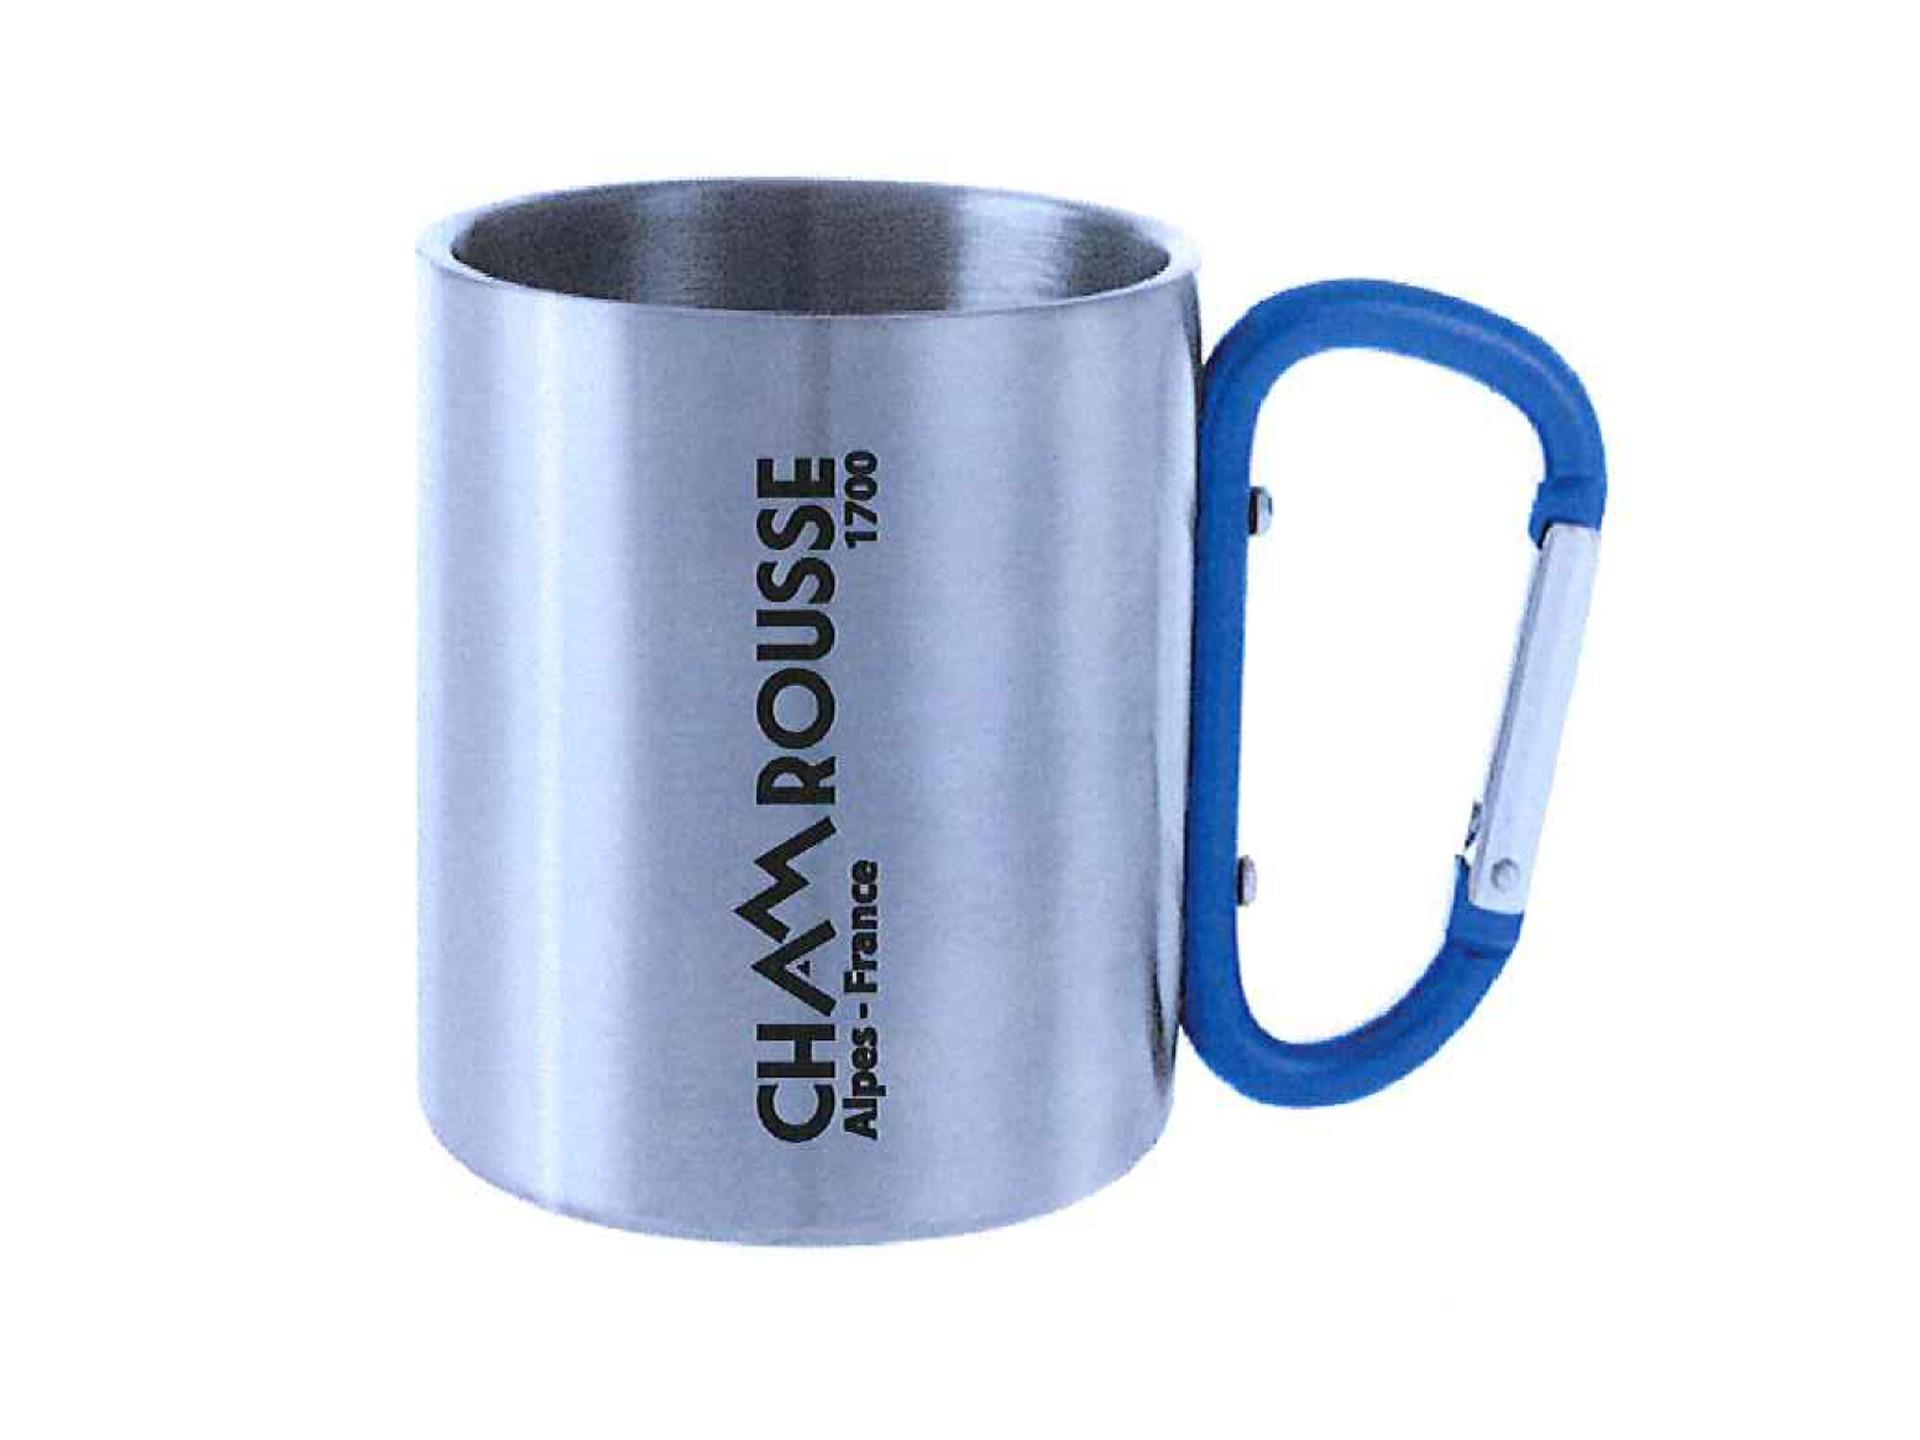 Chamrousse mug